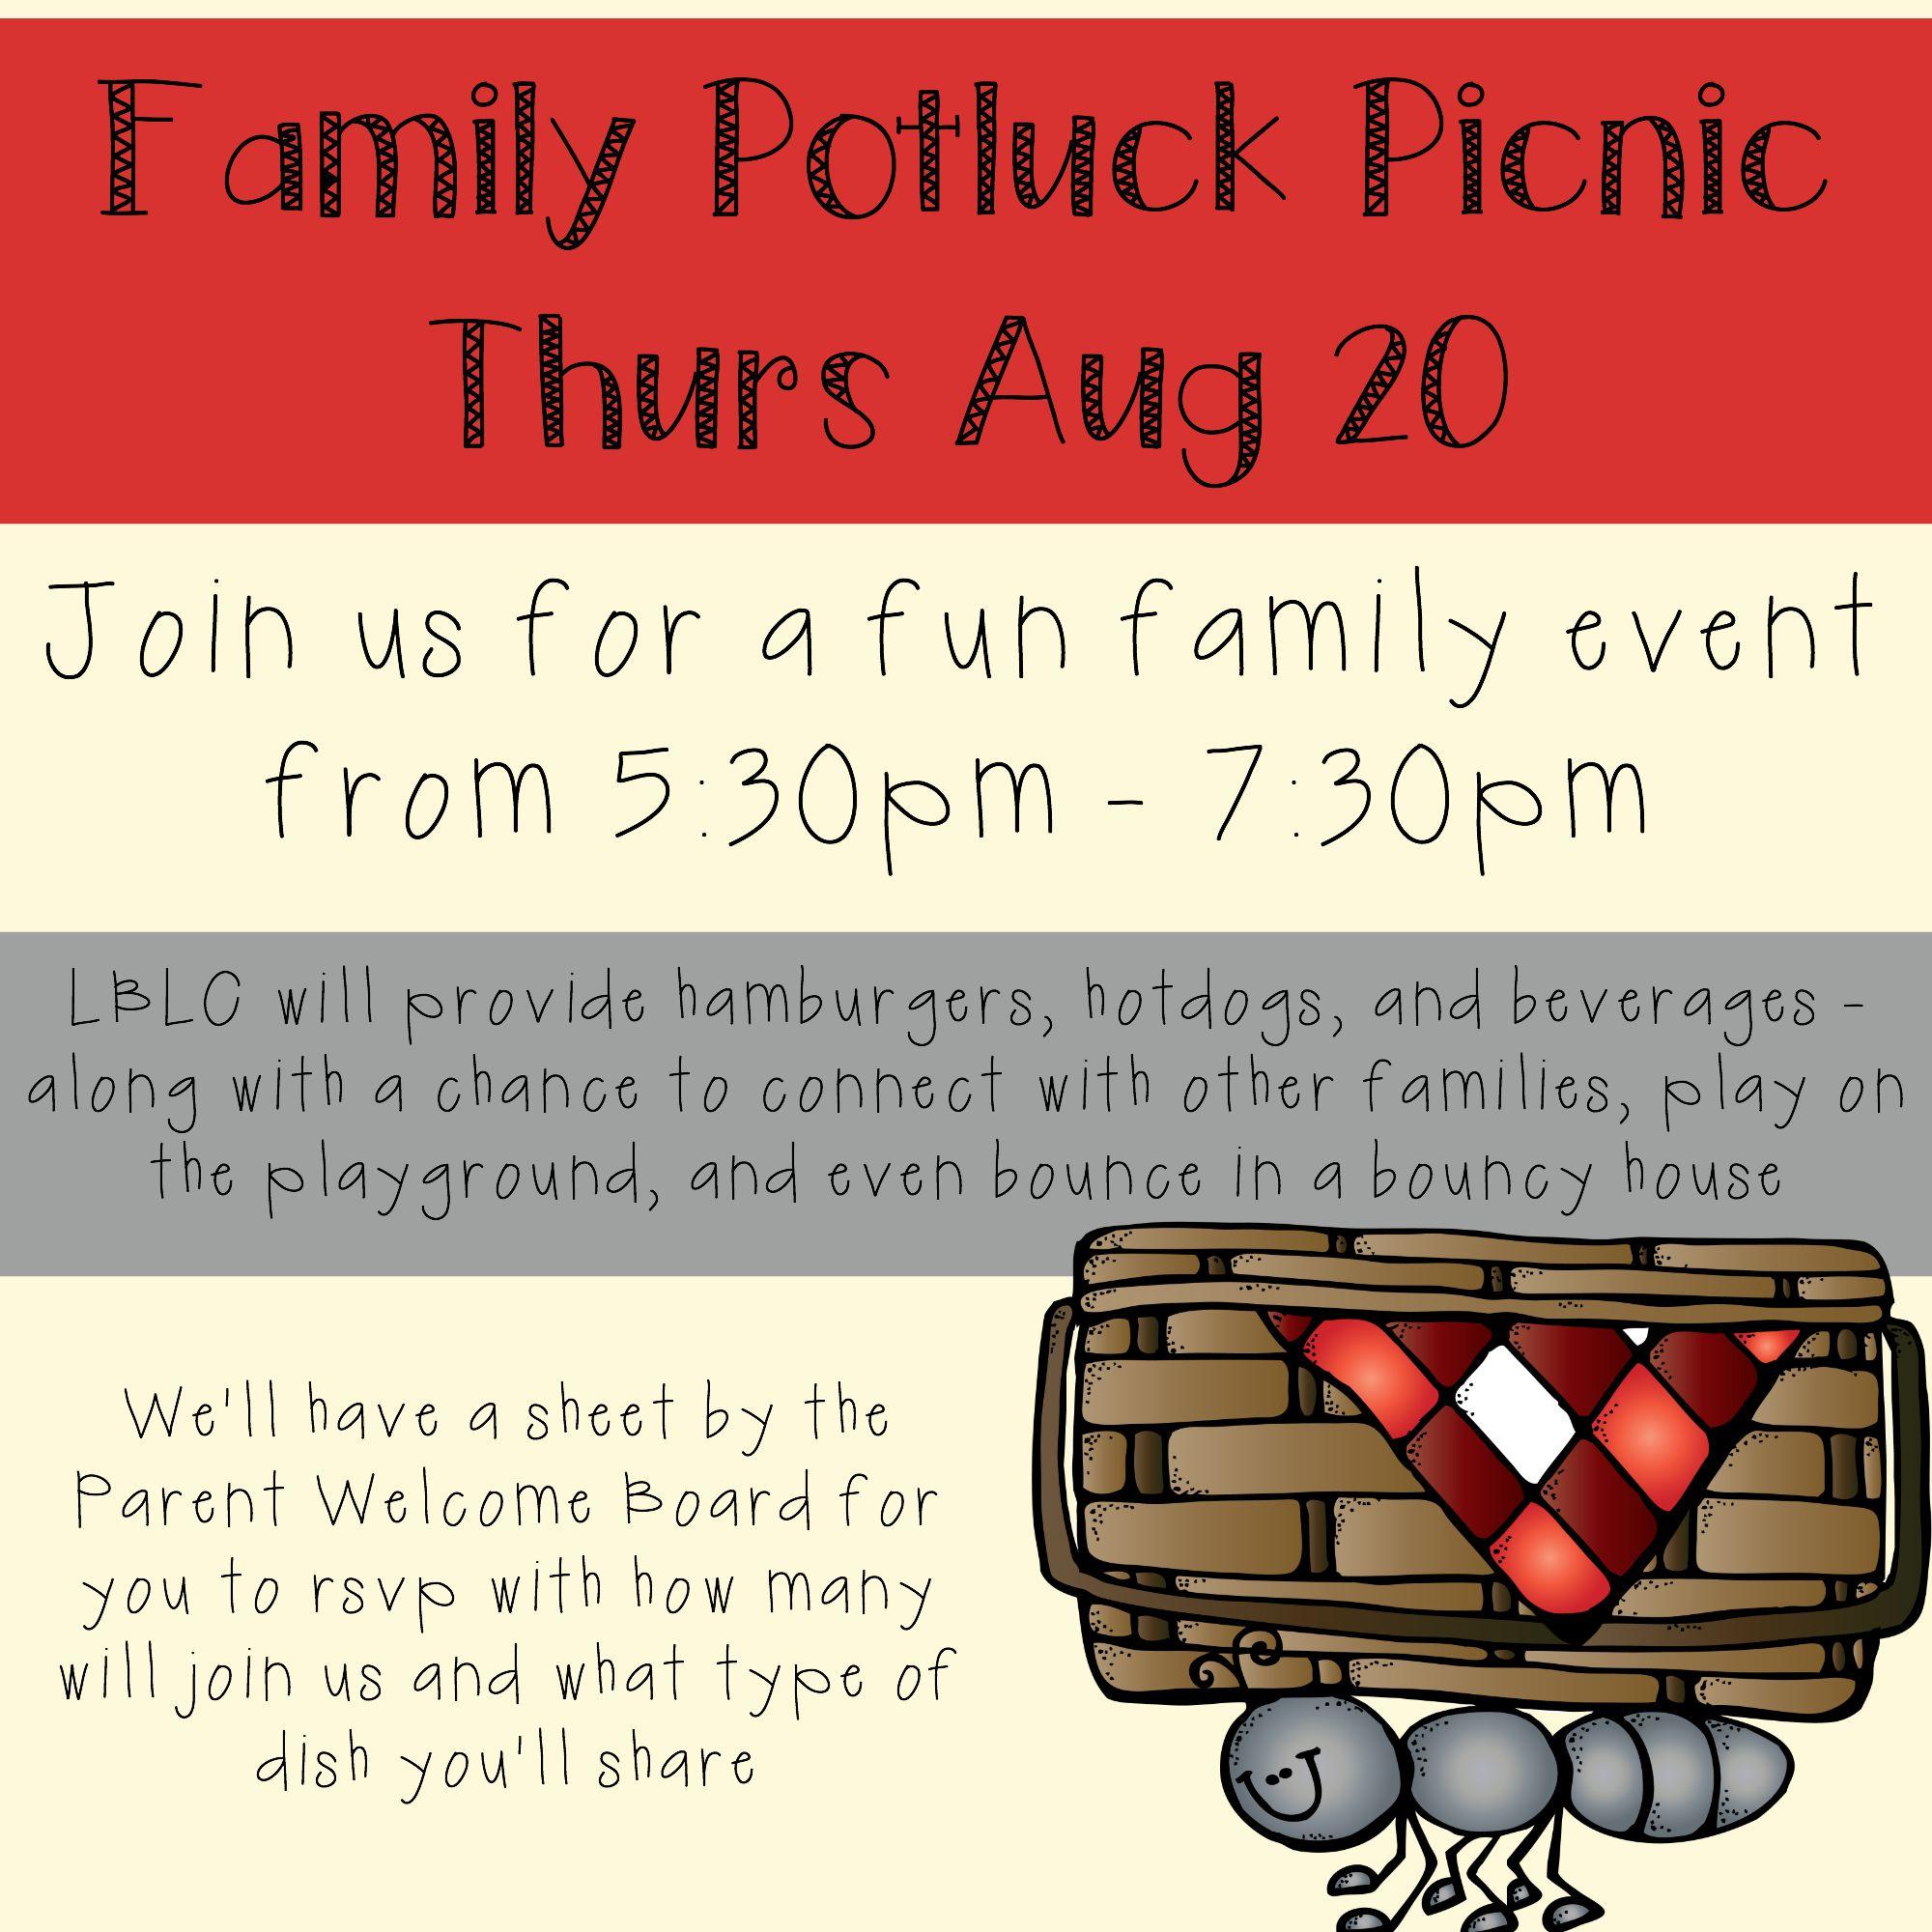 potluck picnic